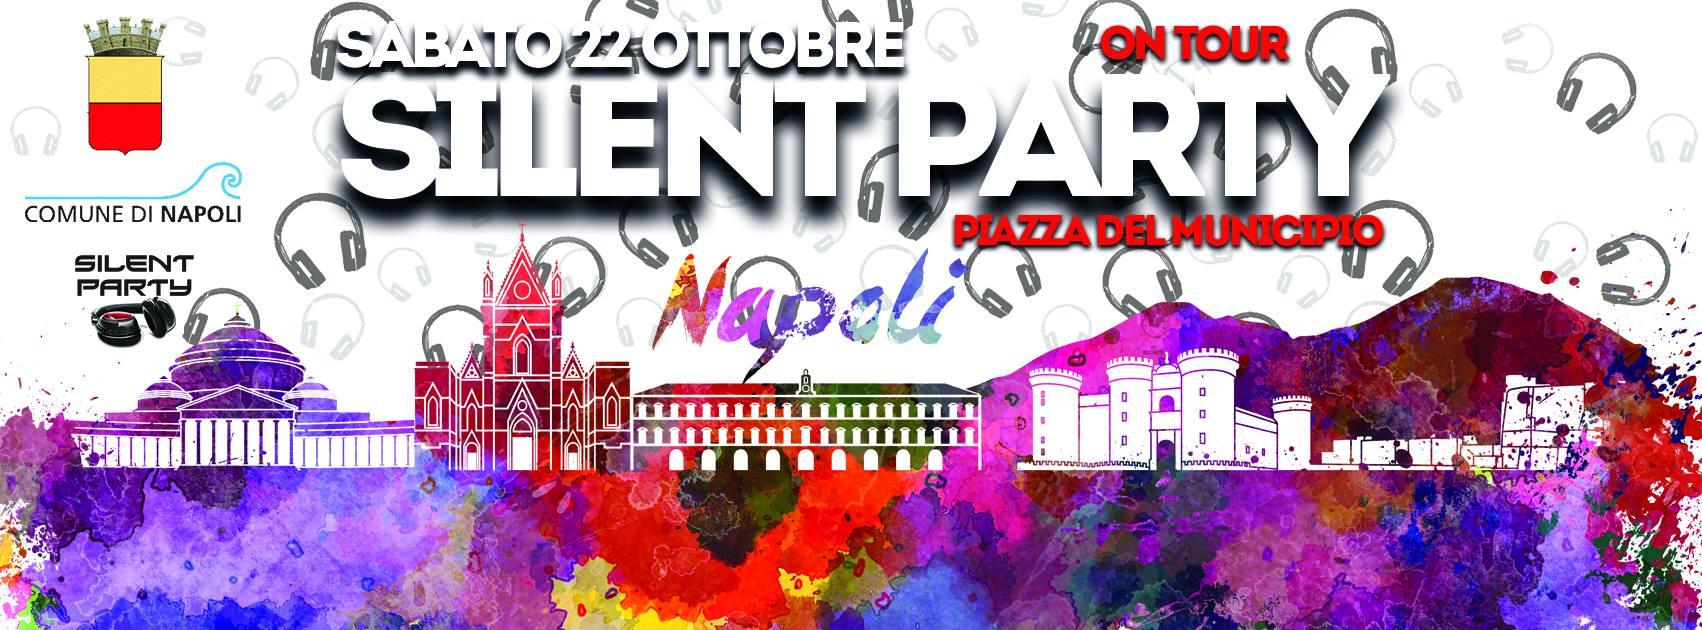 Il 22 ottobre arriva a Napoli il Silent Party, ecco i dettagli dell'evento